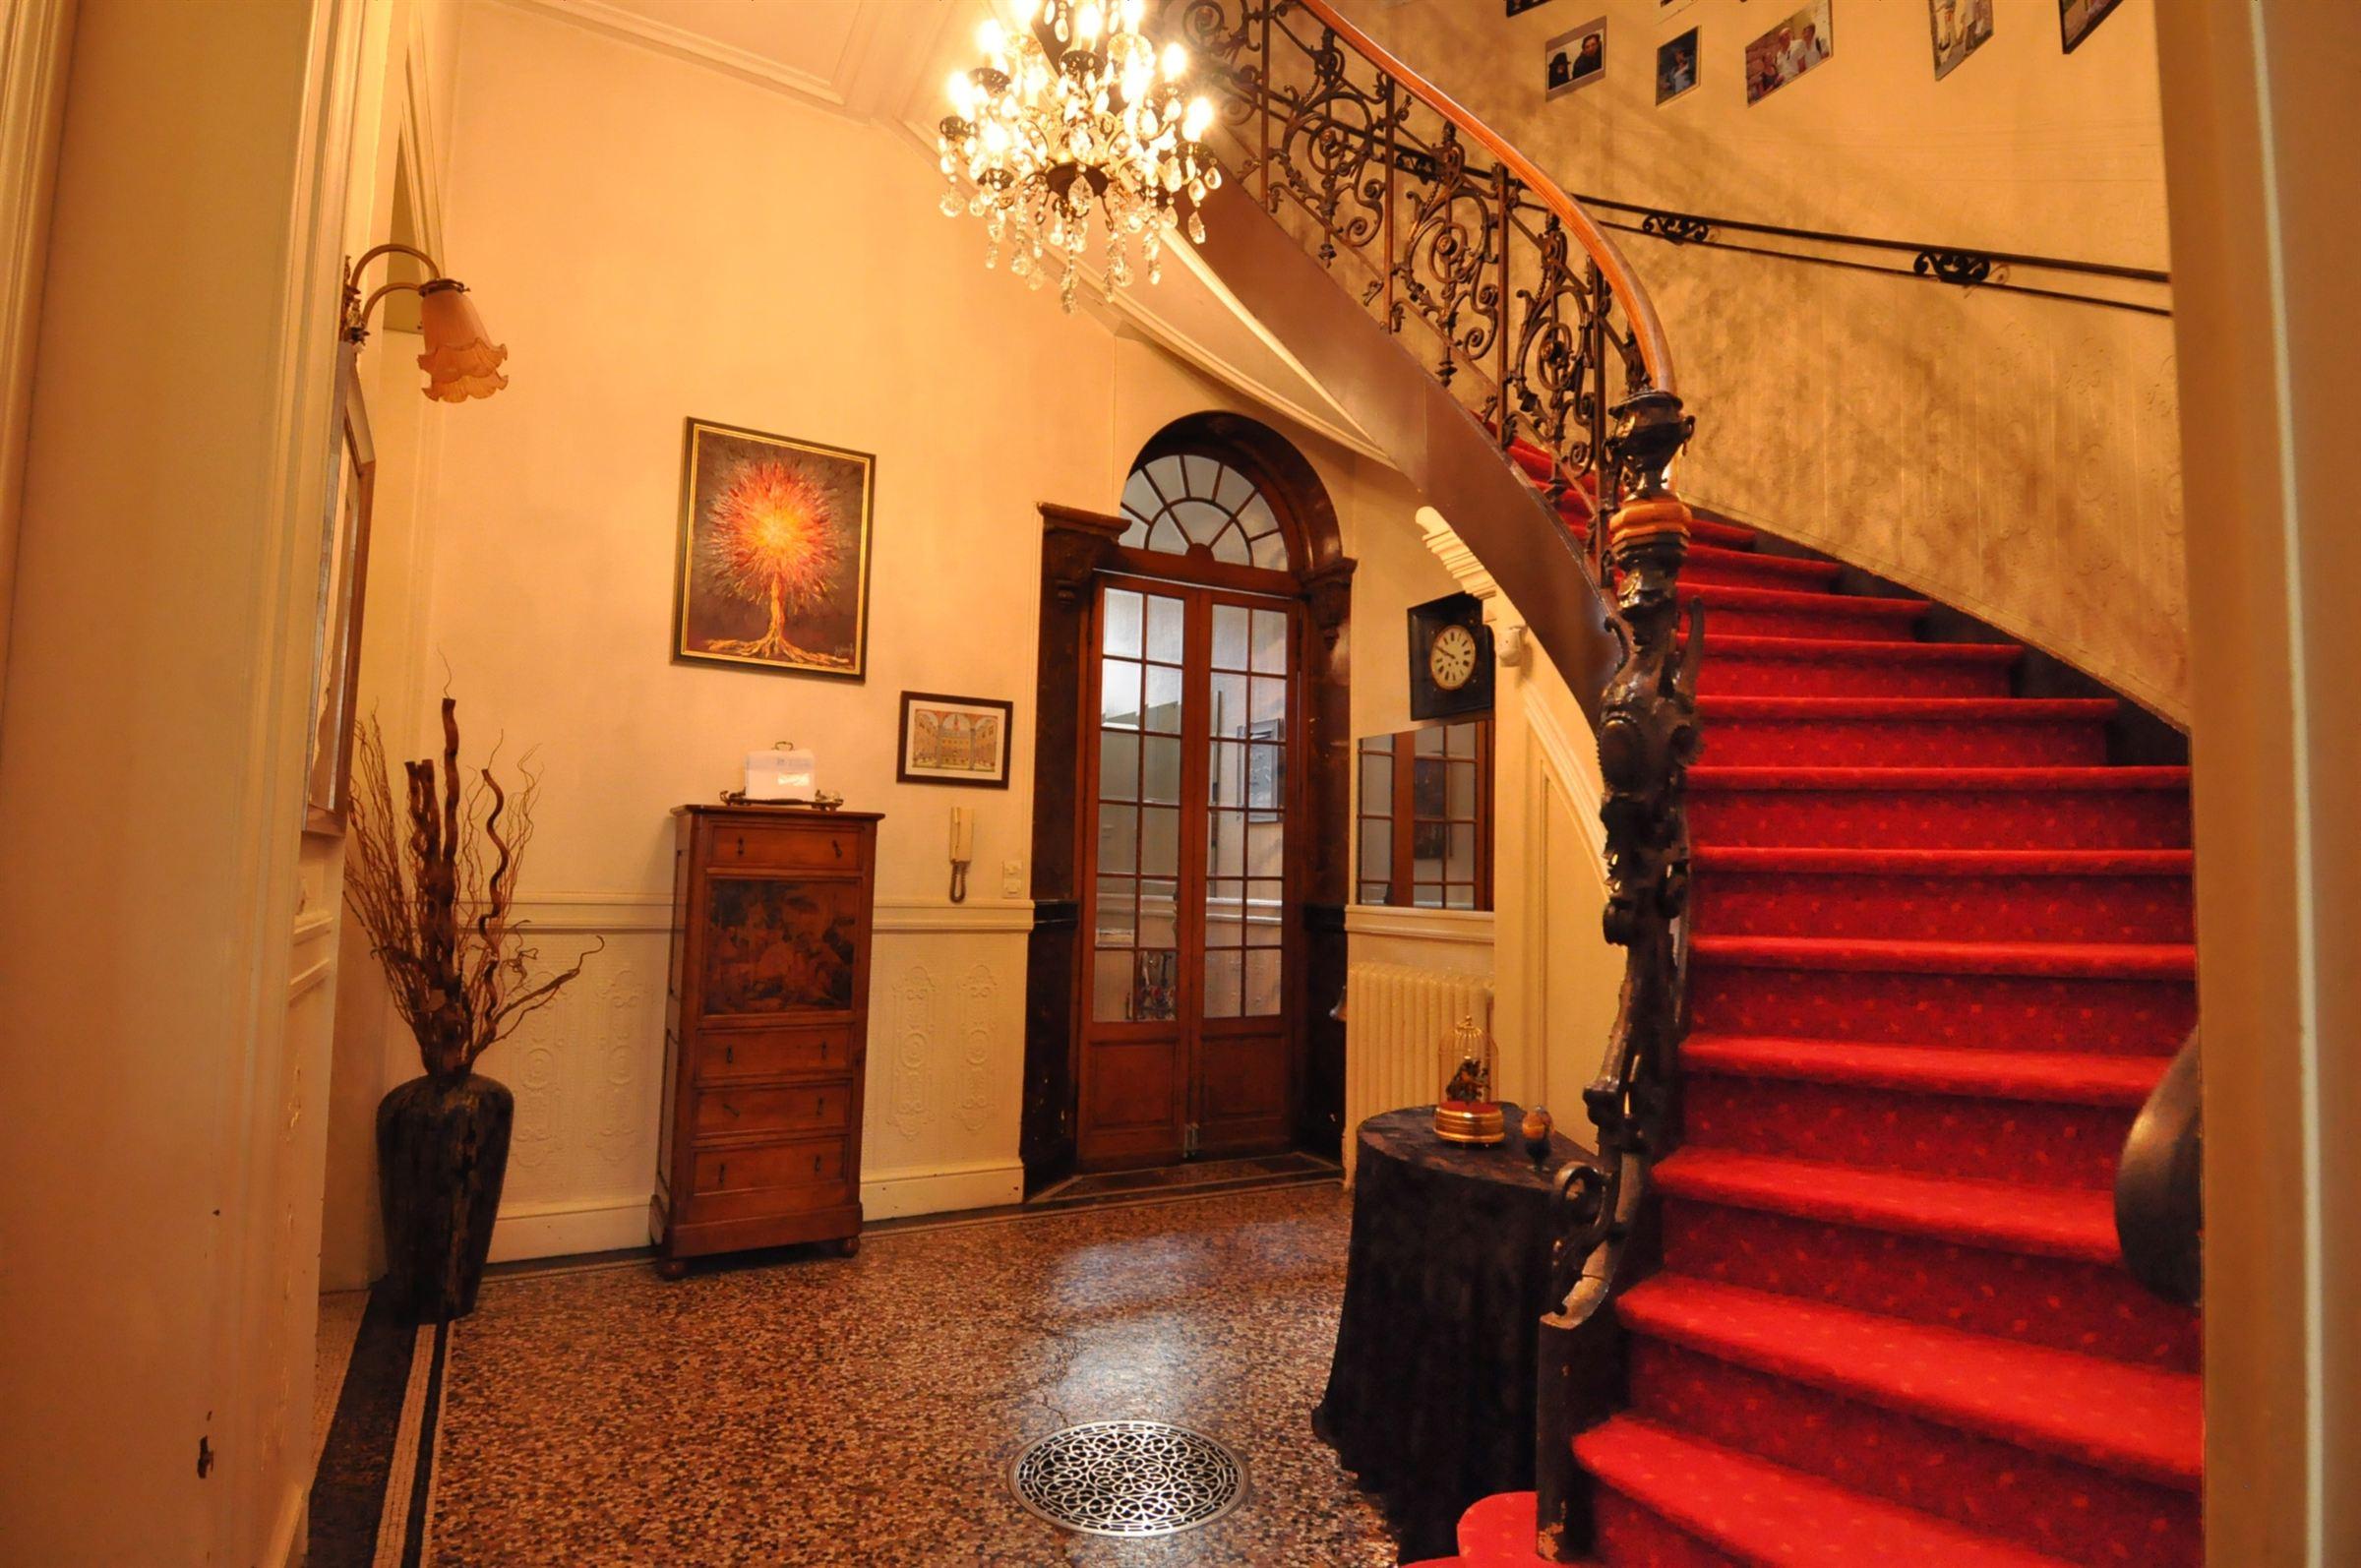 Property For Sale at Lille near Porte de Paris, Wonderful Family House 408 m2 hab. 9 bedrooms